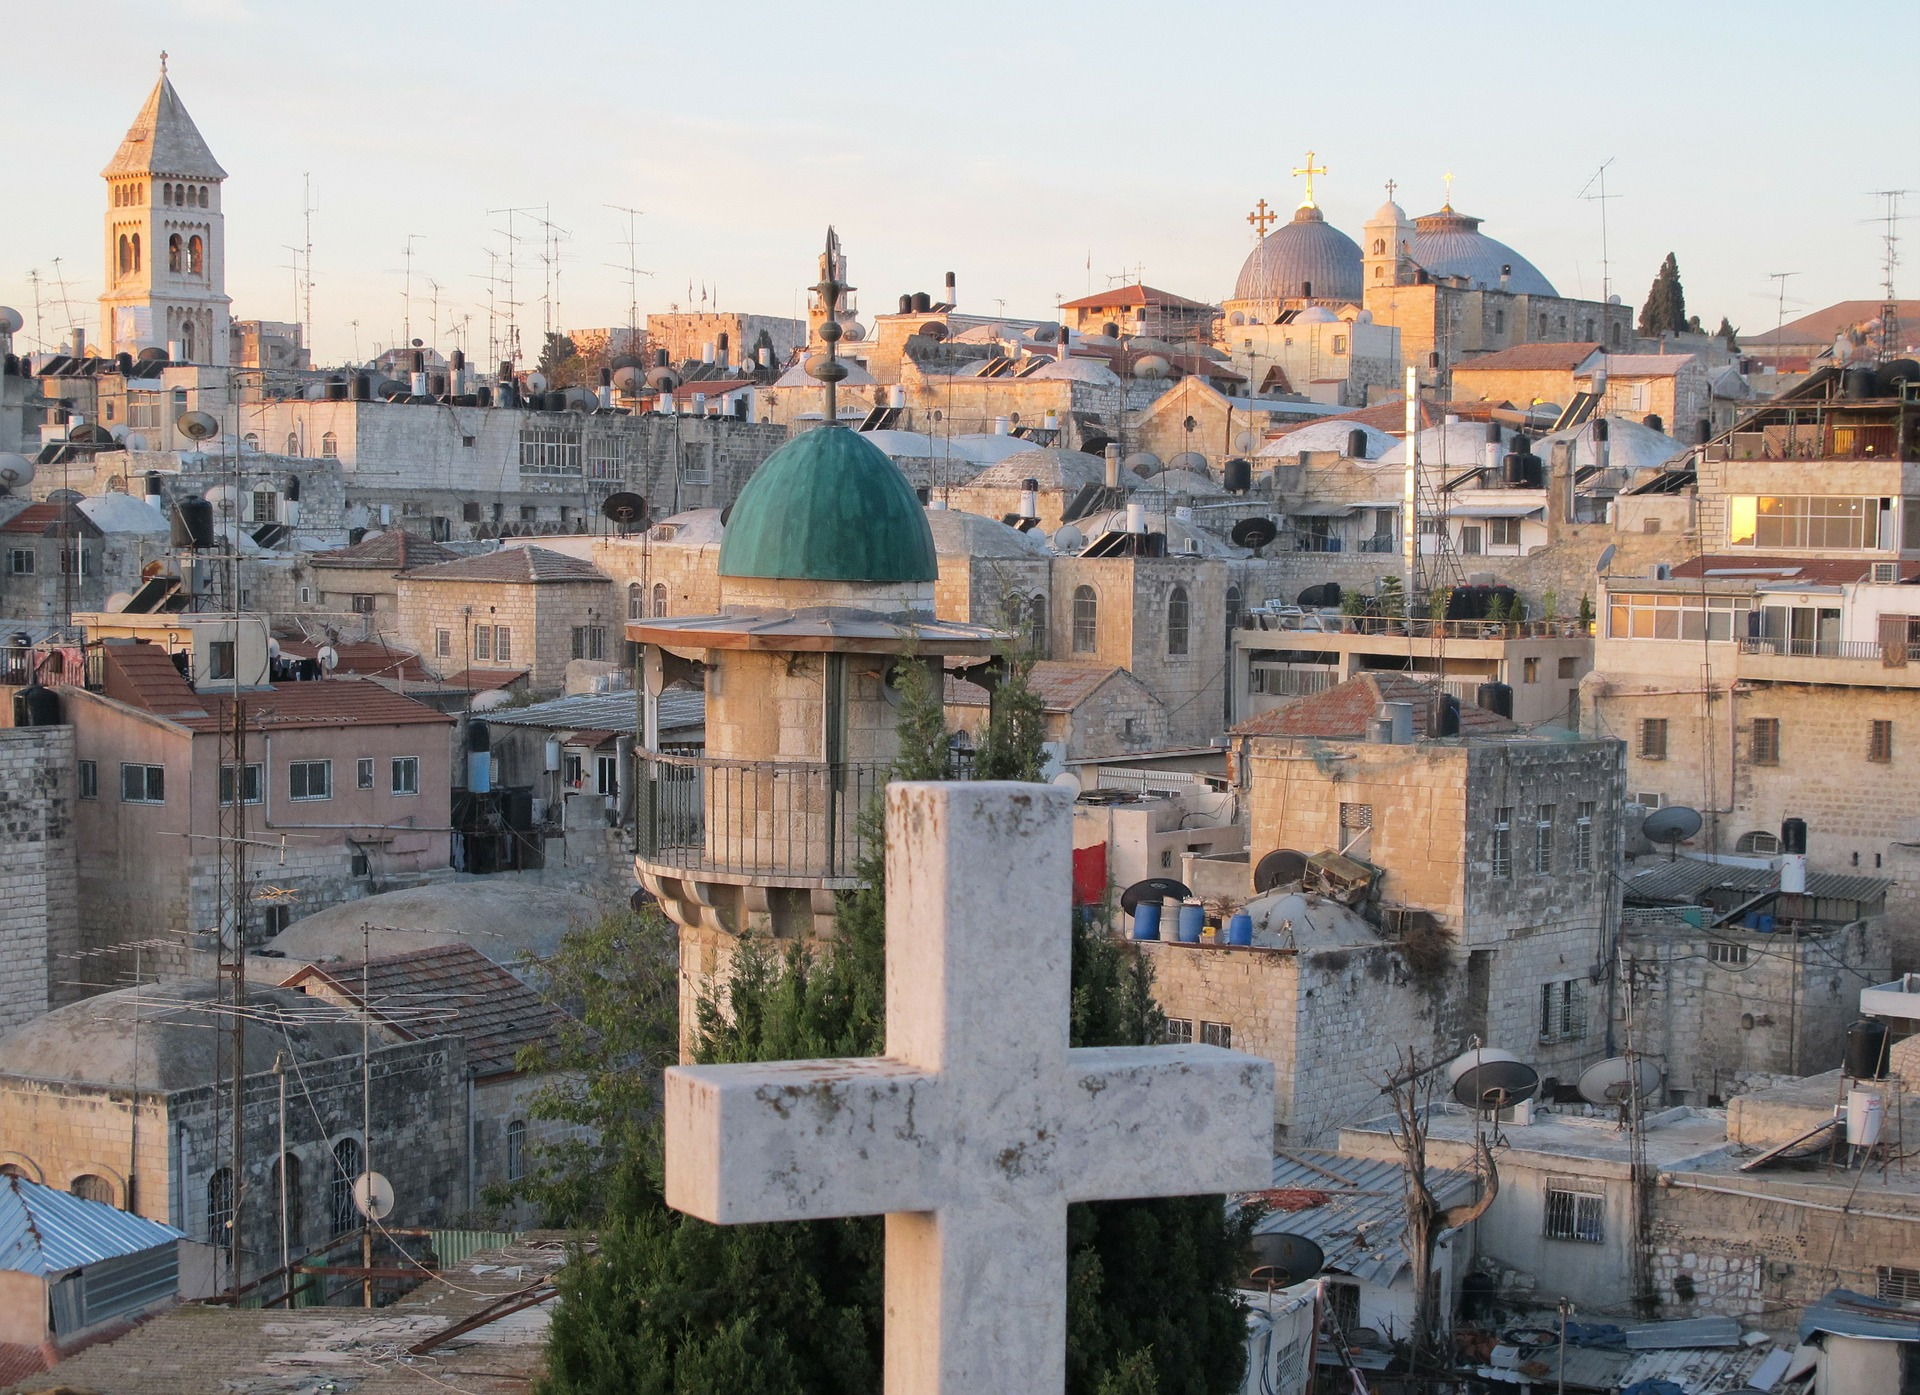 Pielgrzymka do Izraela i Jordanii - Śladami Jezusa i Mojżesza - 1-12 kwietnia 2016 roku